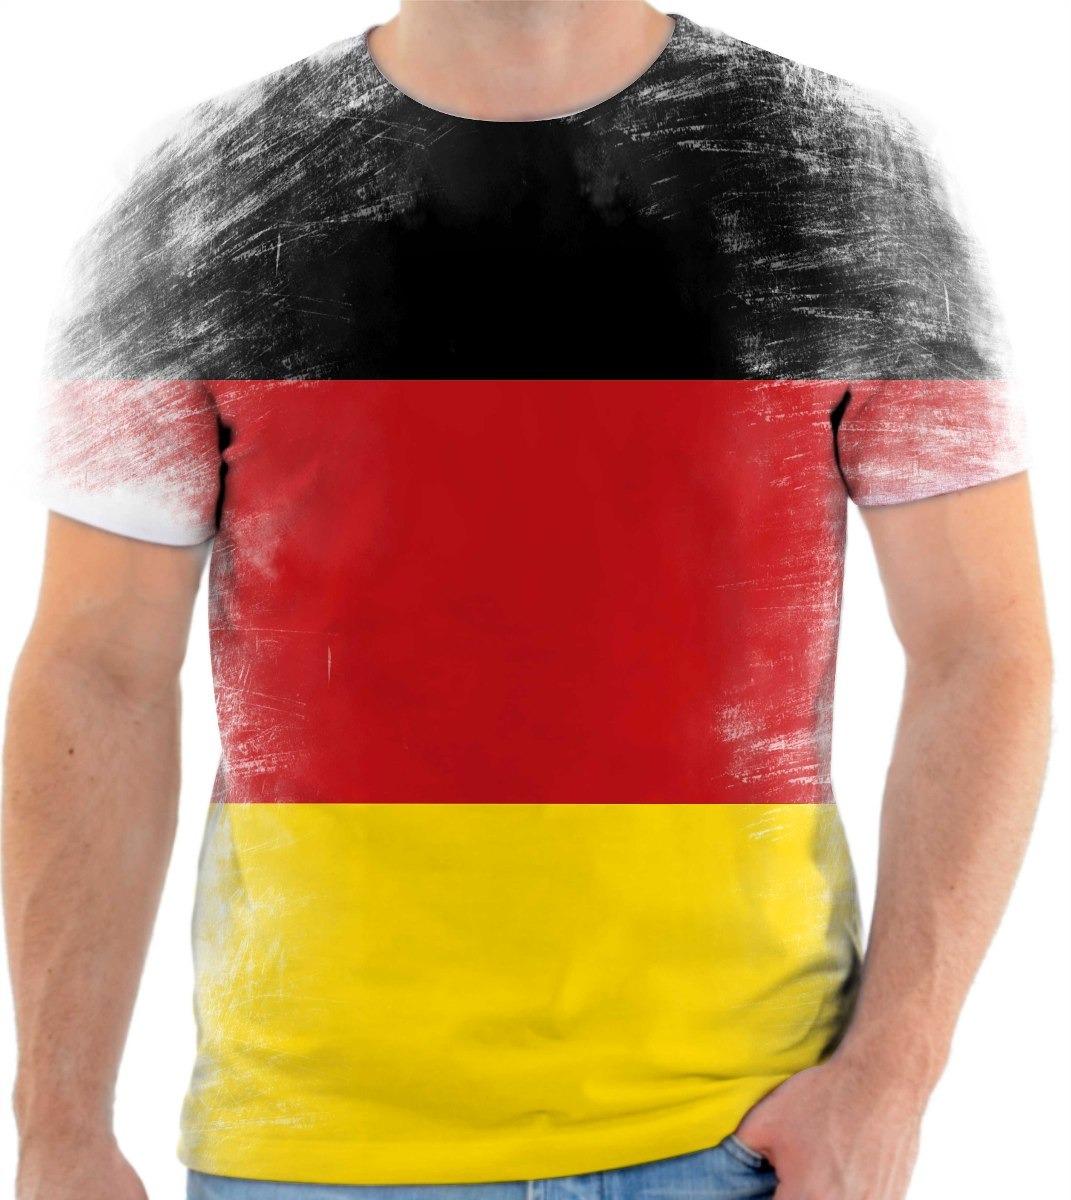 d4adec246fb31 Camiseta